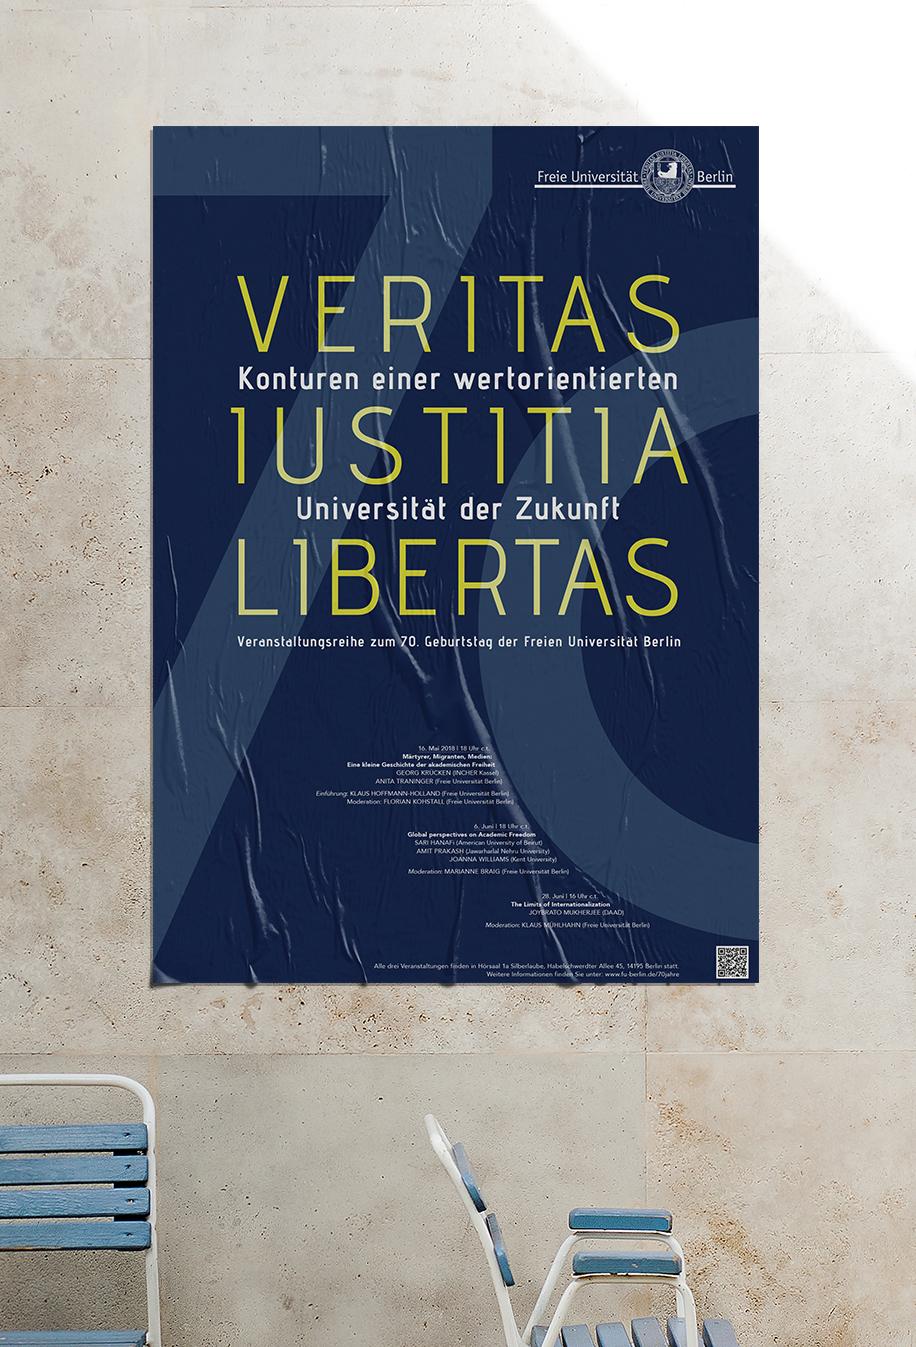 """Plakate für die Veranstaltung zum 70. Jubiläum der Freien Universität Berlin, Ringvorlesung """"Veritas Iustitia Libertas"""""""